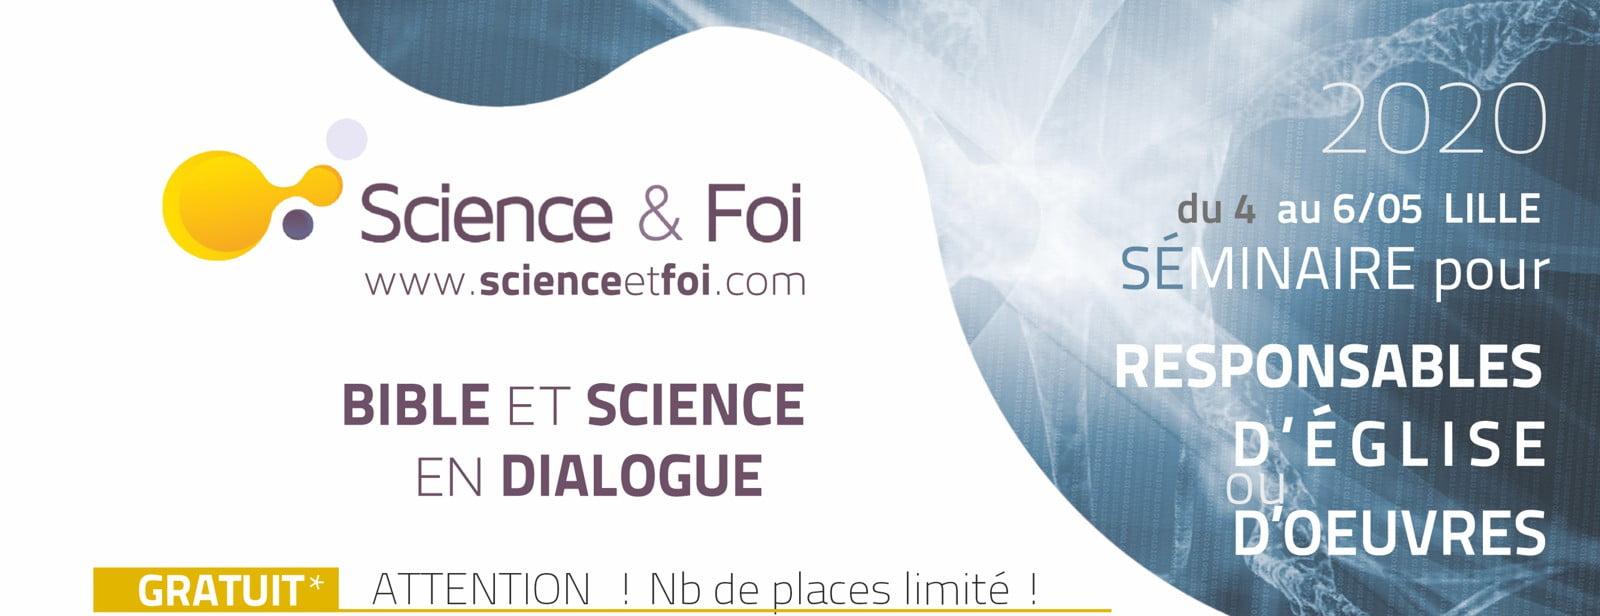 participez au séminaire Bible et science en dialogue du 4 au 6 mai 2020